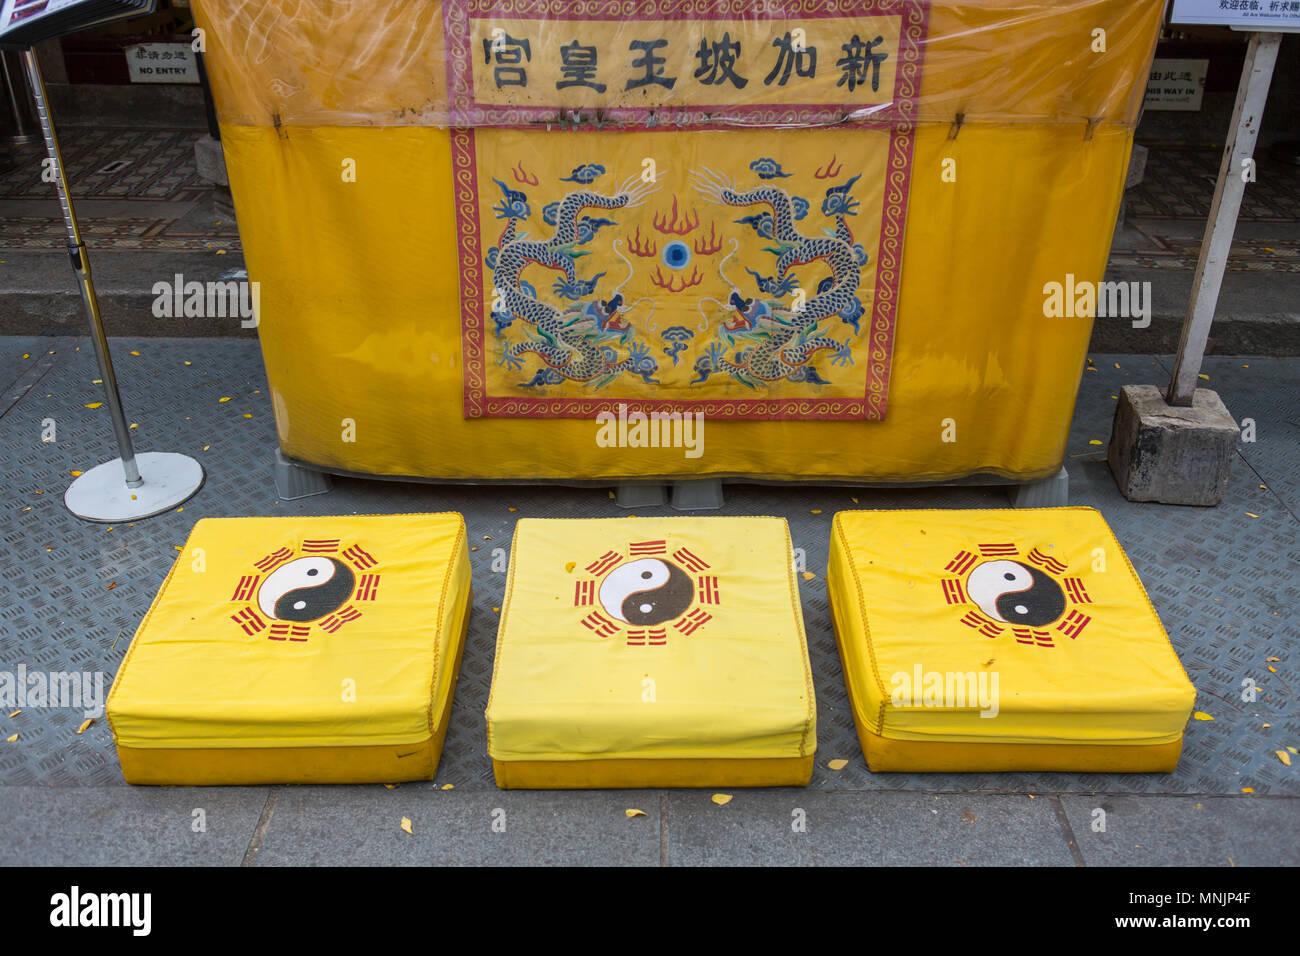 Three kneeling pad outside a Taoist temple. - Stock Image